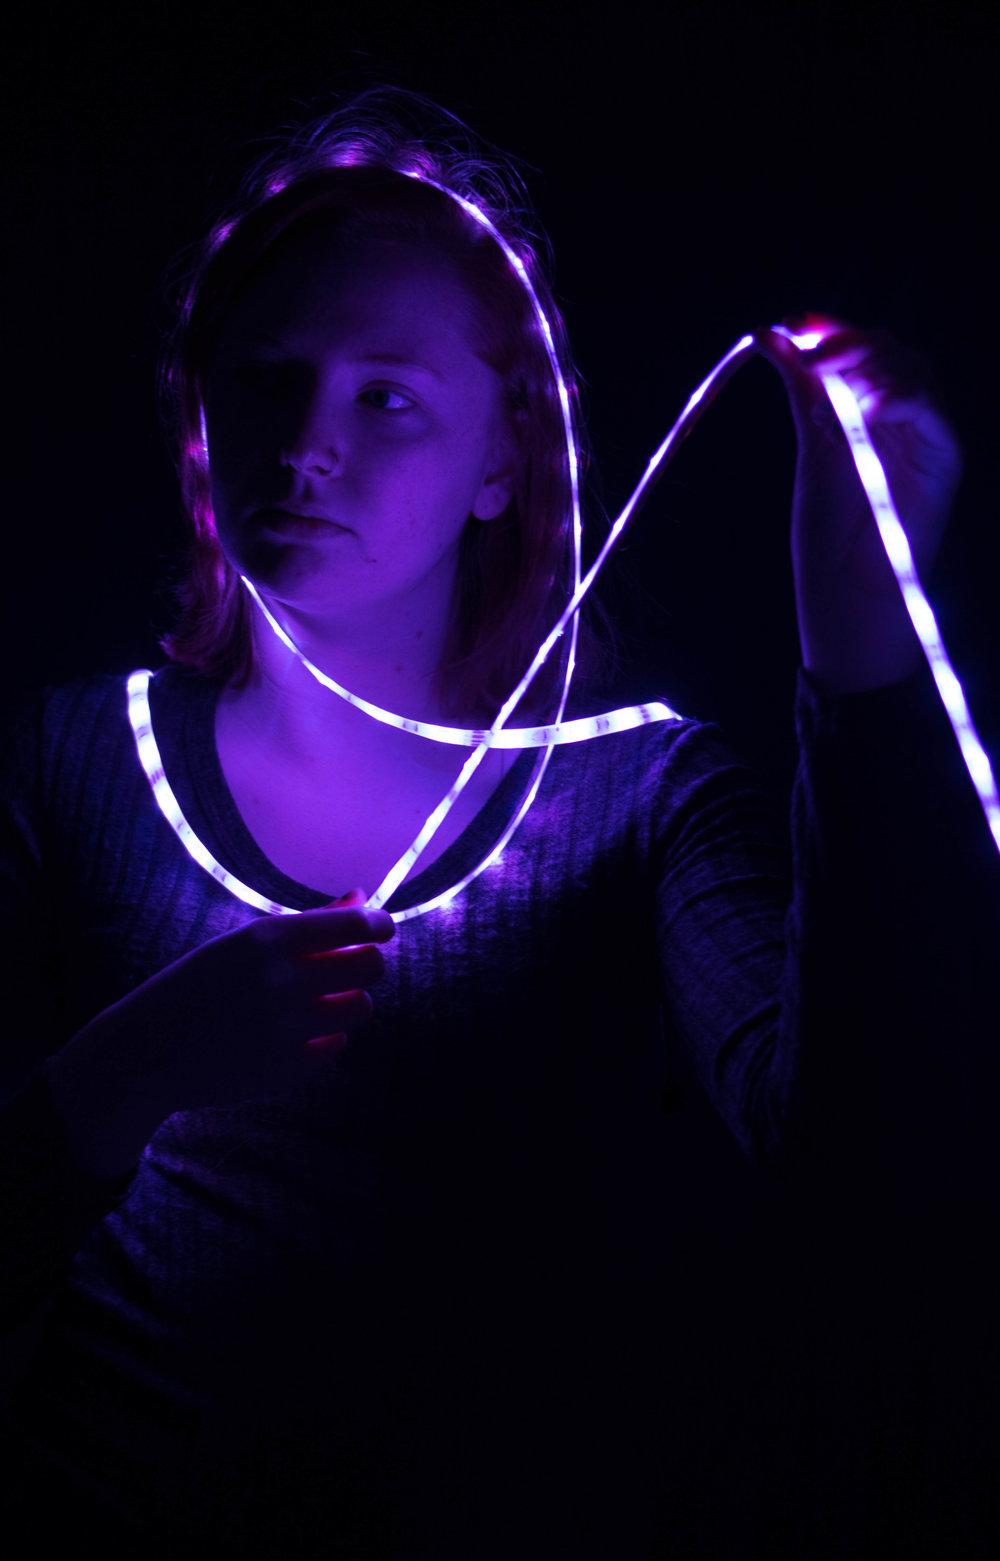 lightboiz-7.jpg